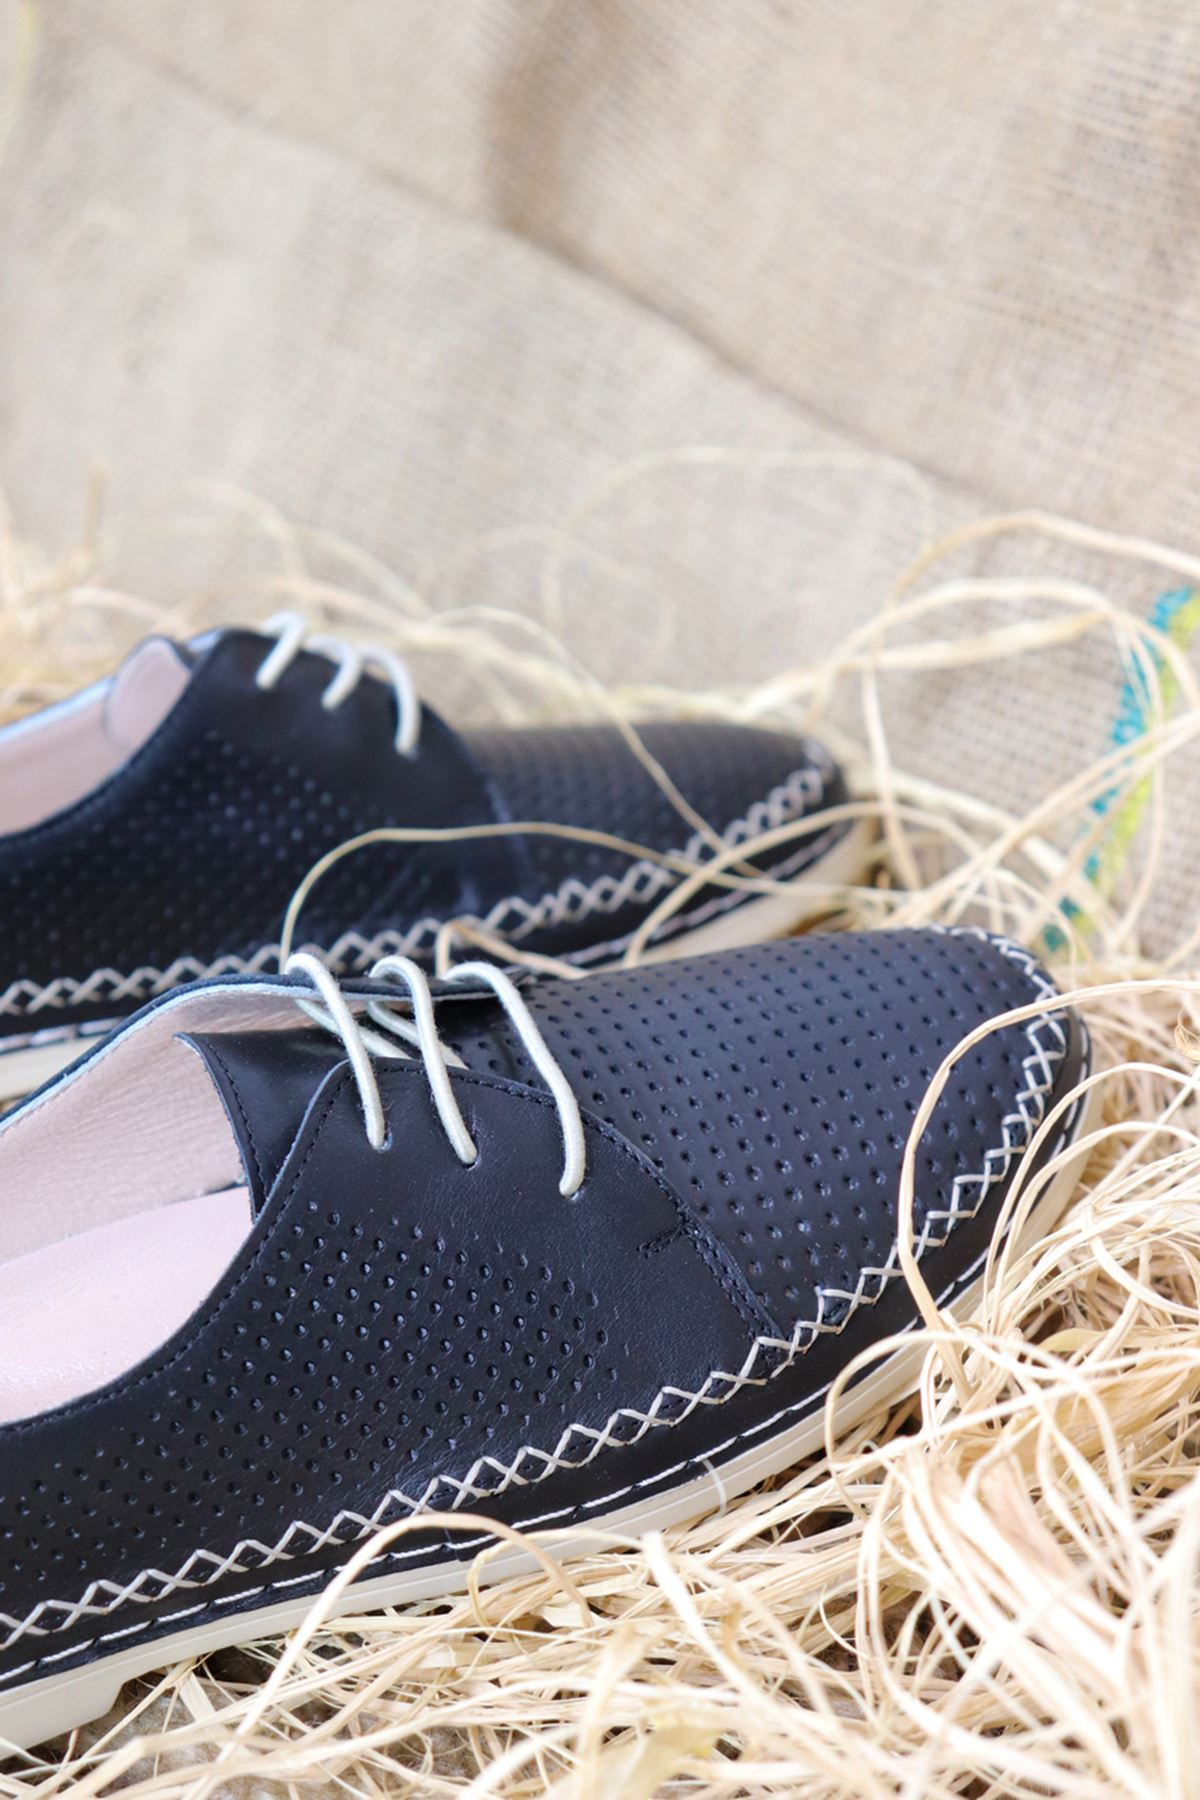 Trendayakkabı - Siyah Hakiki Deri Kadın Ayakkabısı